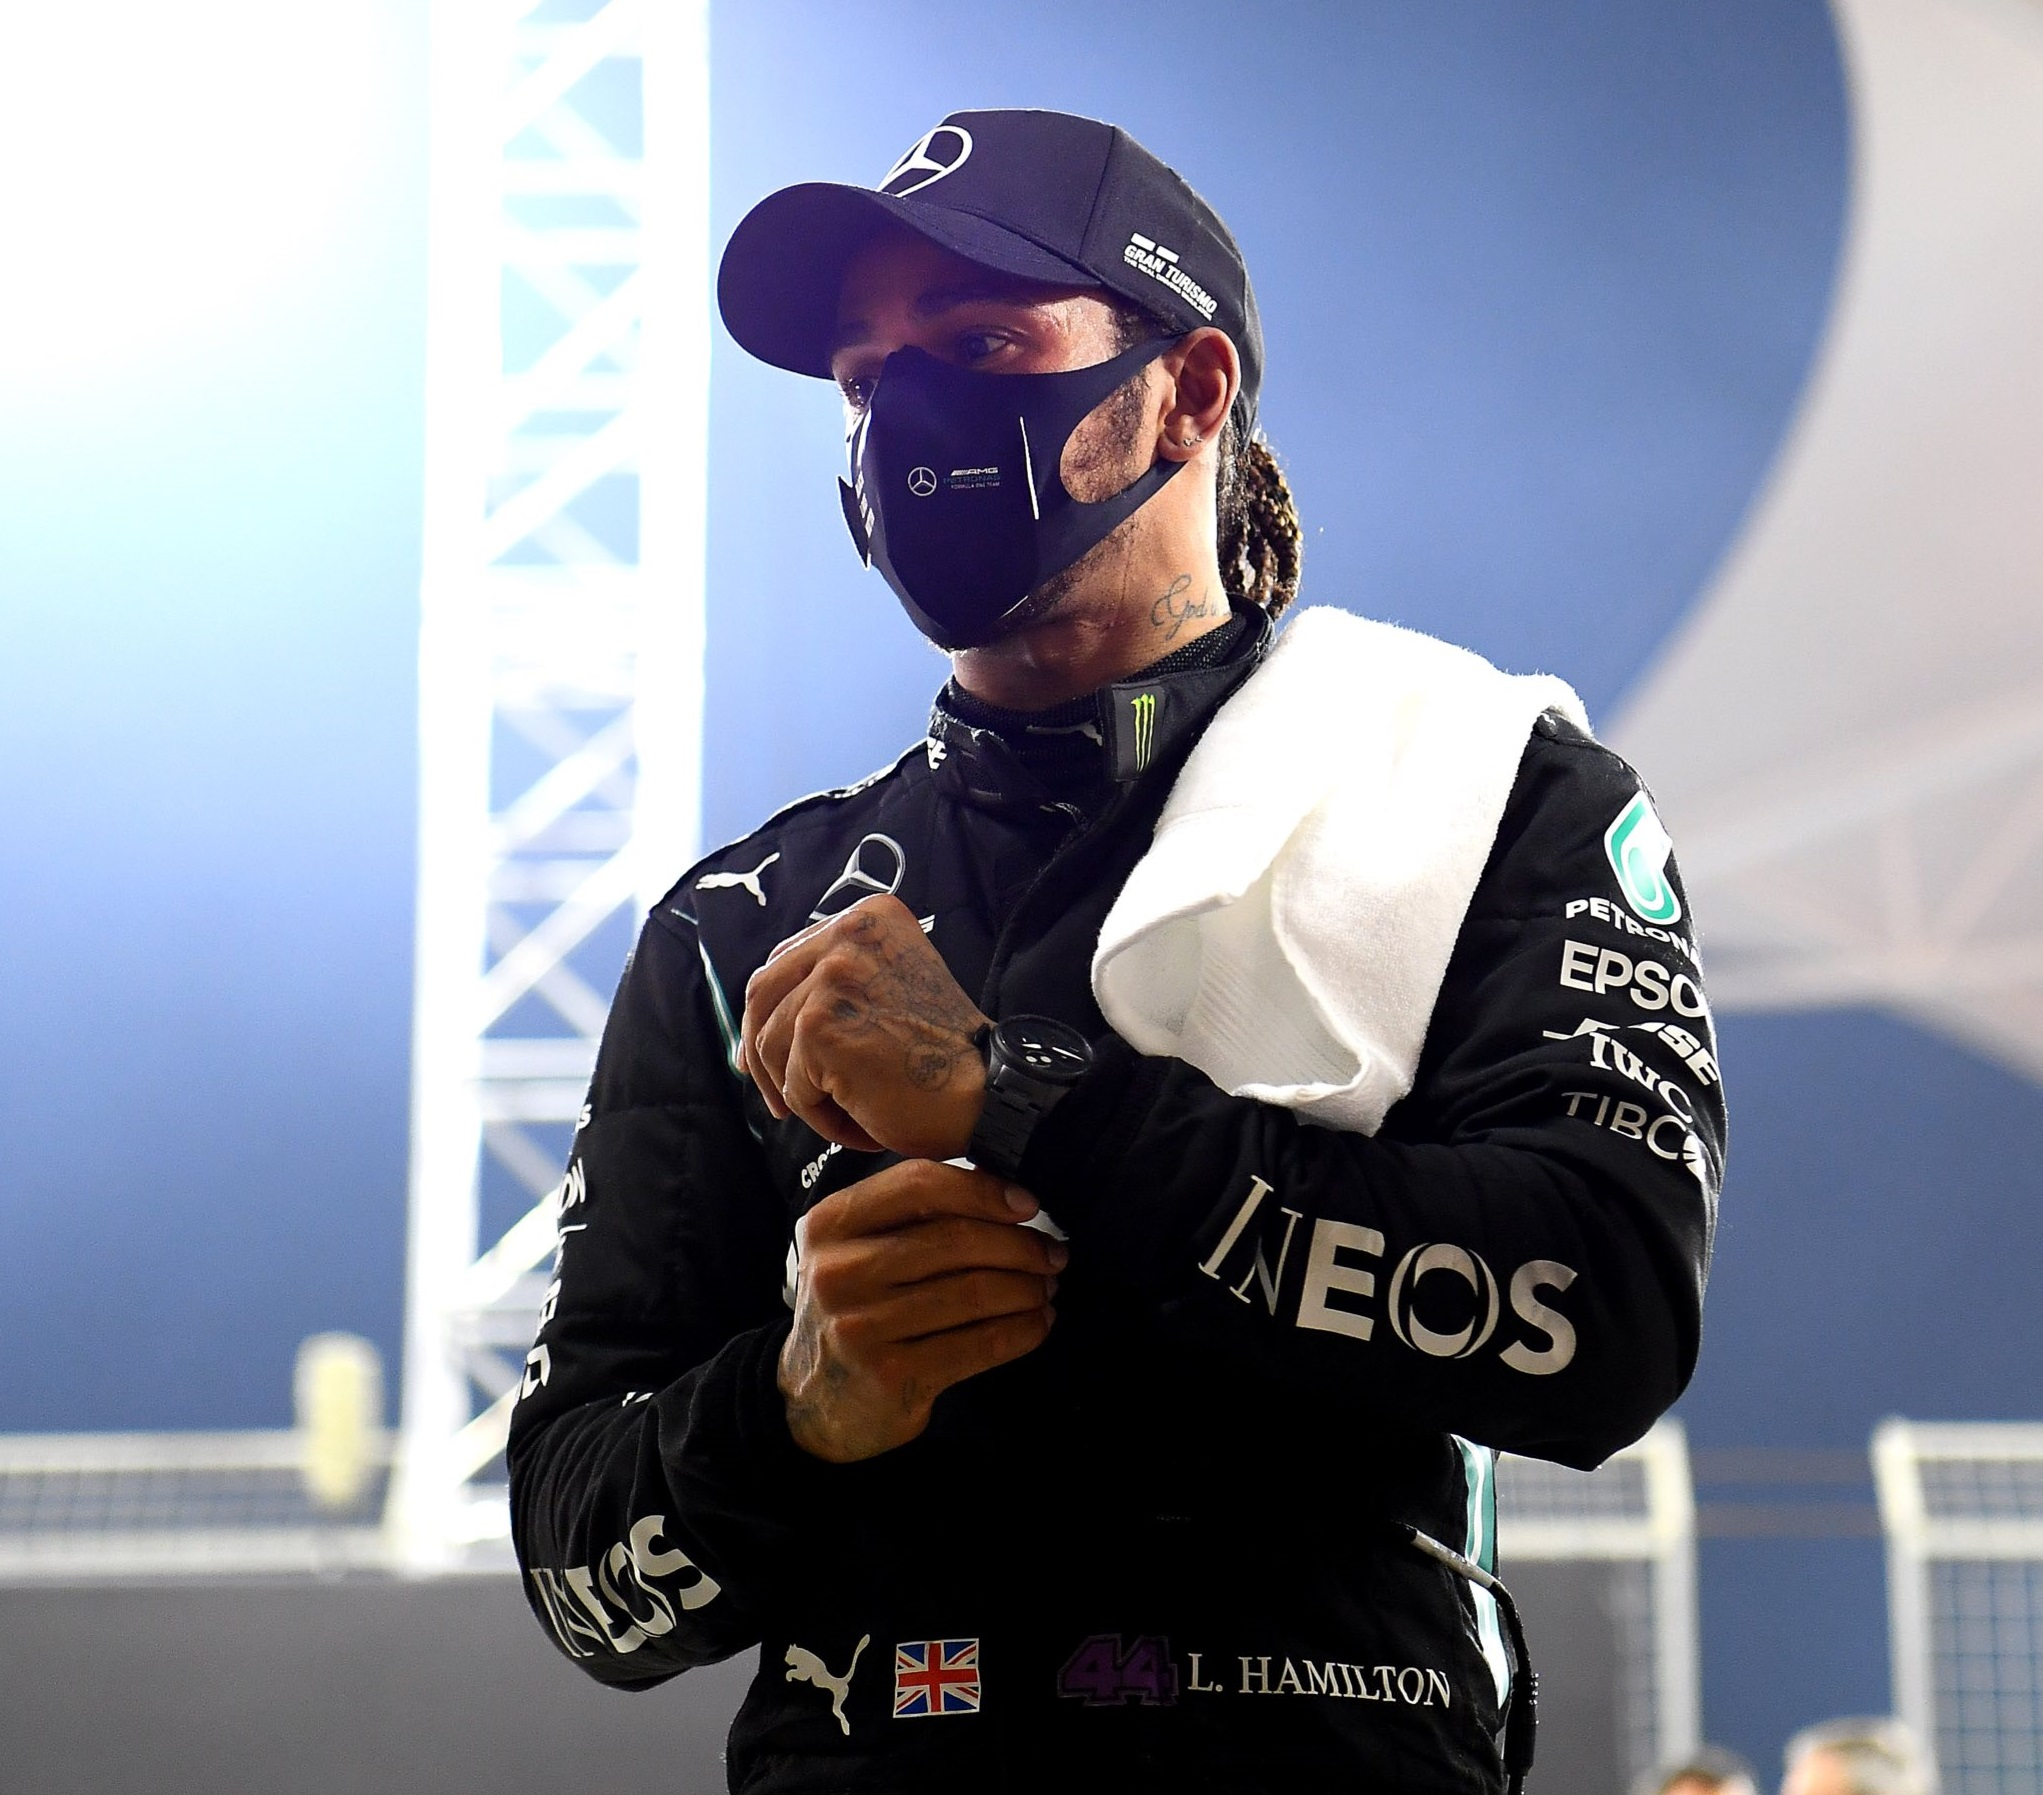 Después de dar positivo al coronavirus, Lewis Hamilton quedó fuera del GP de Sakhir que se llevó a cabo el fin de semana pasado. Foto: @LewisHamilton.